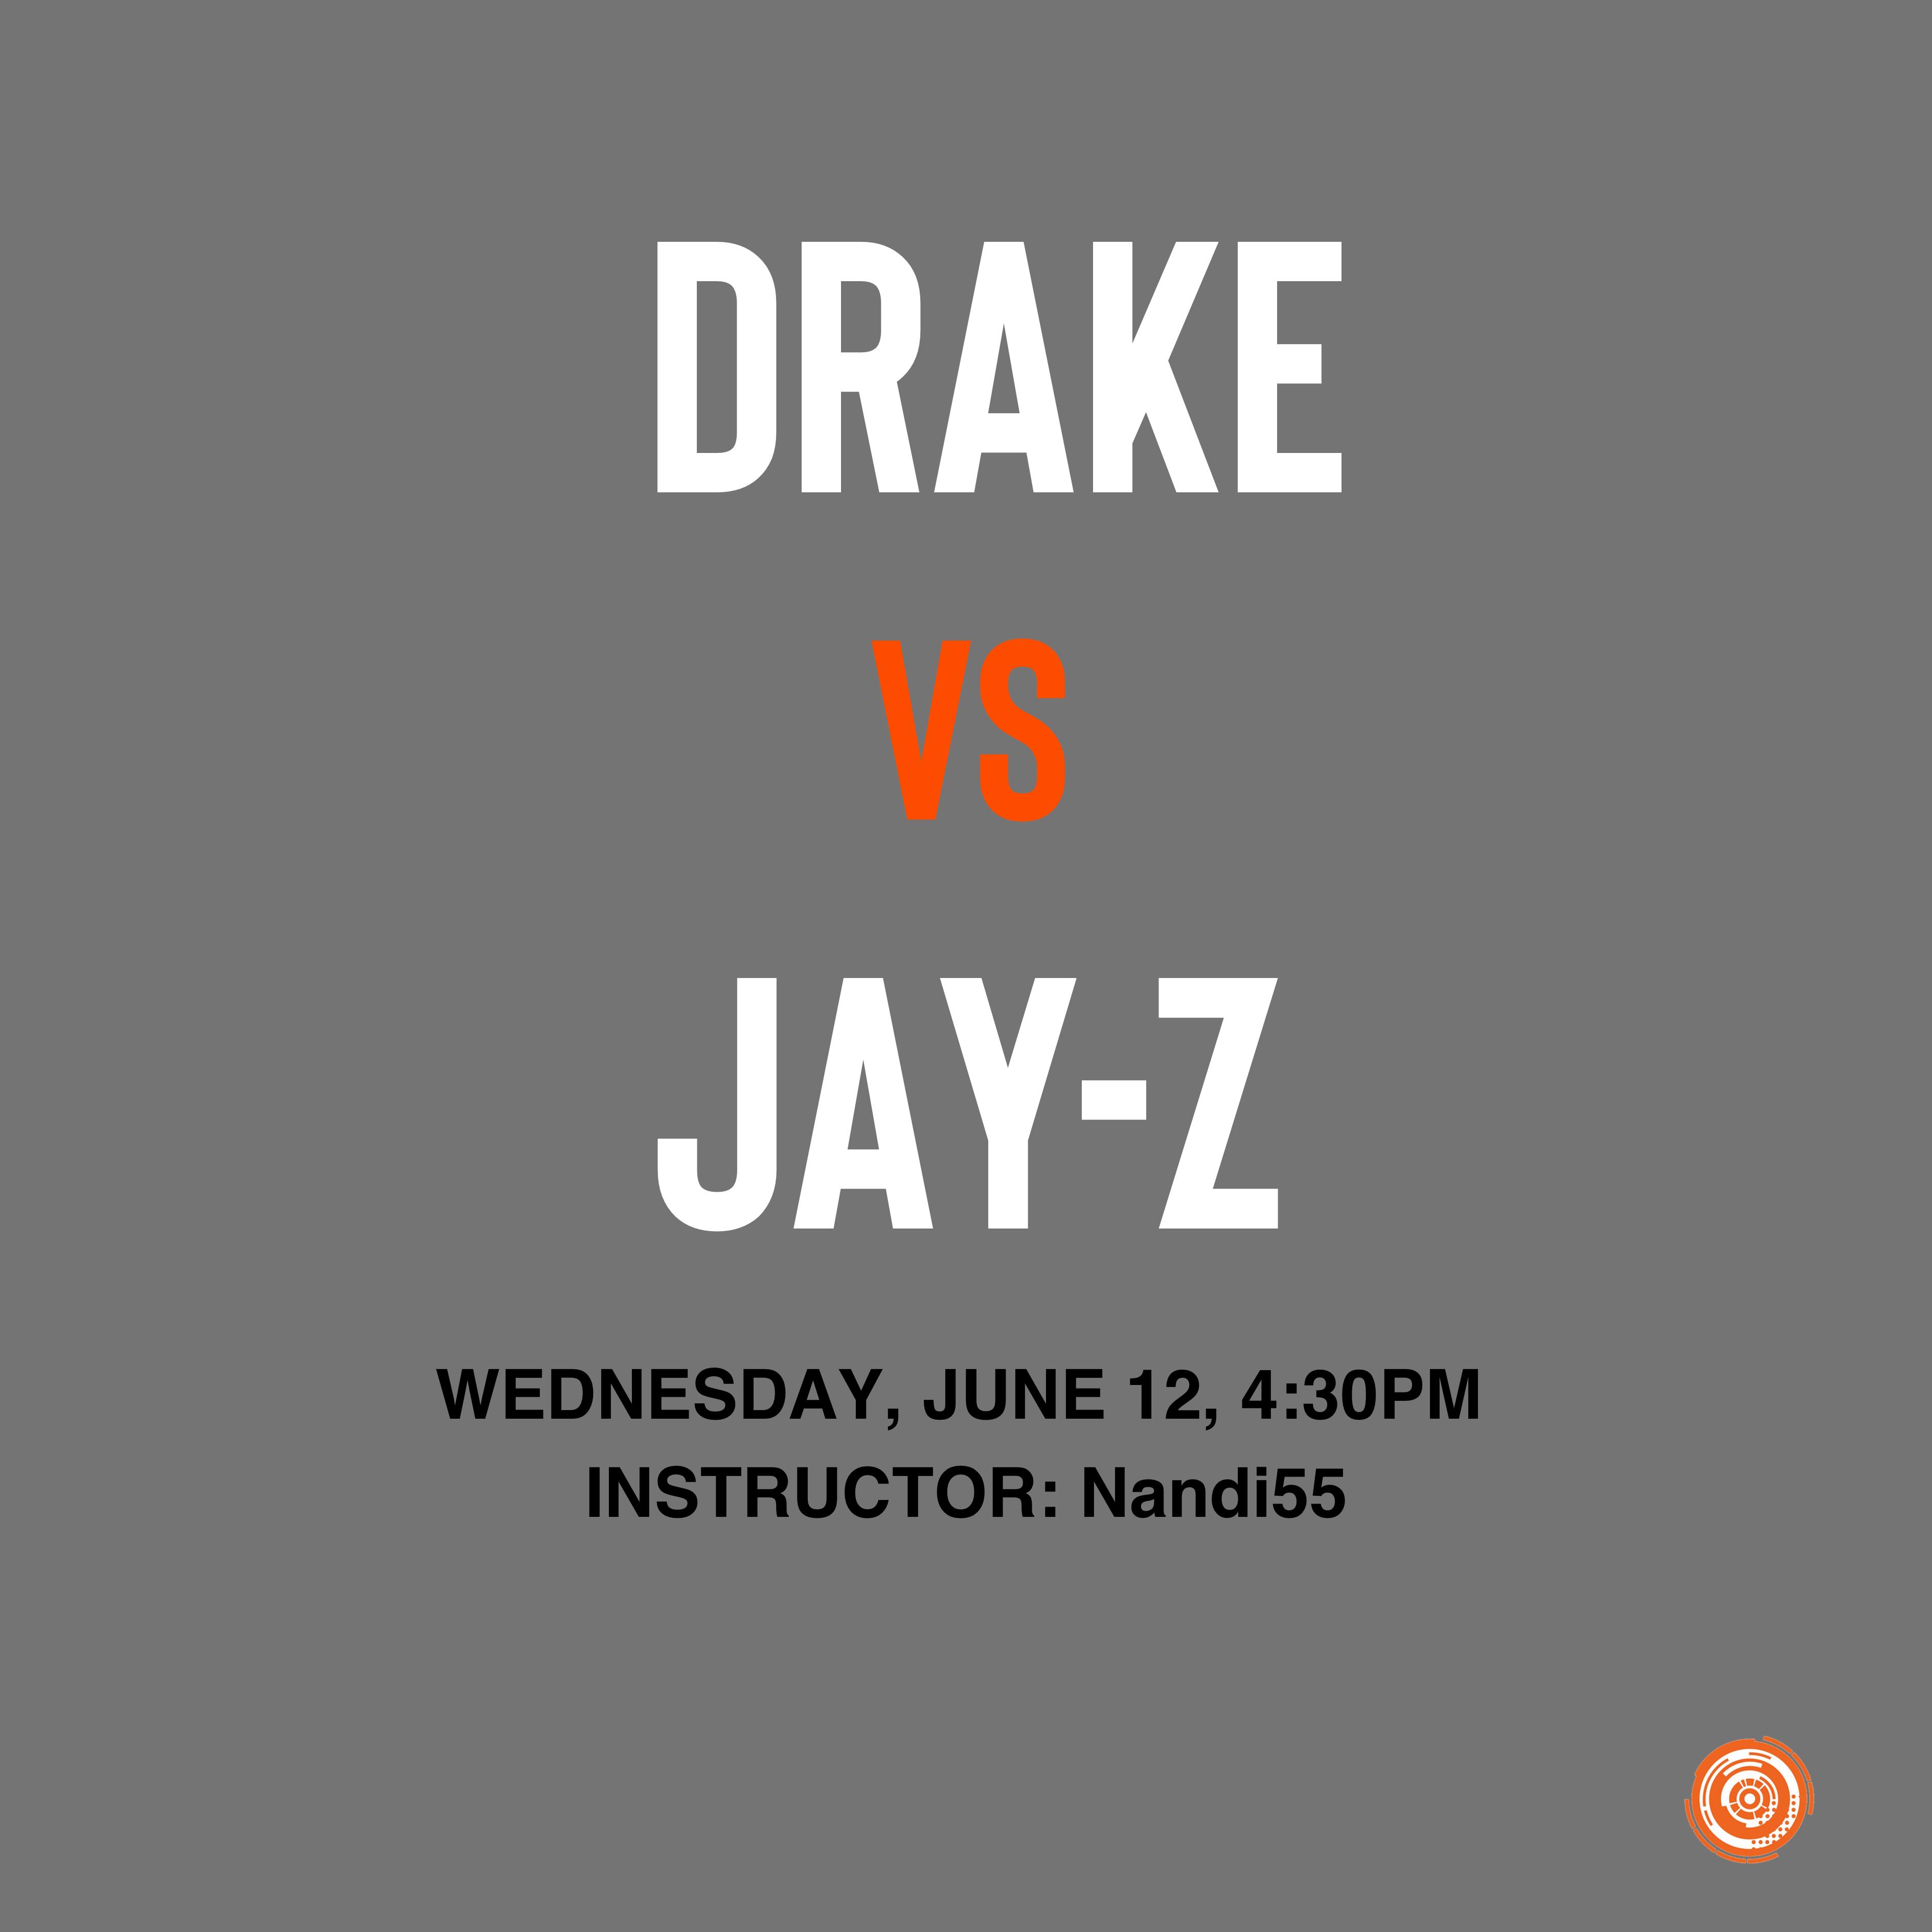 Drake vs Jay-Z